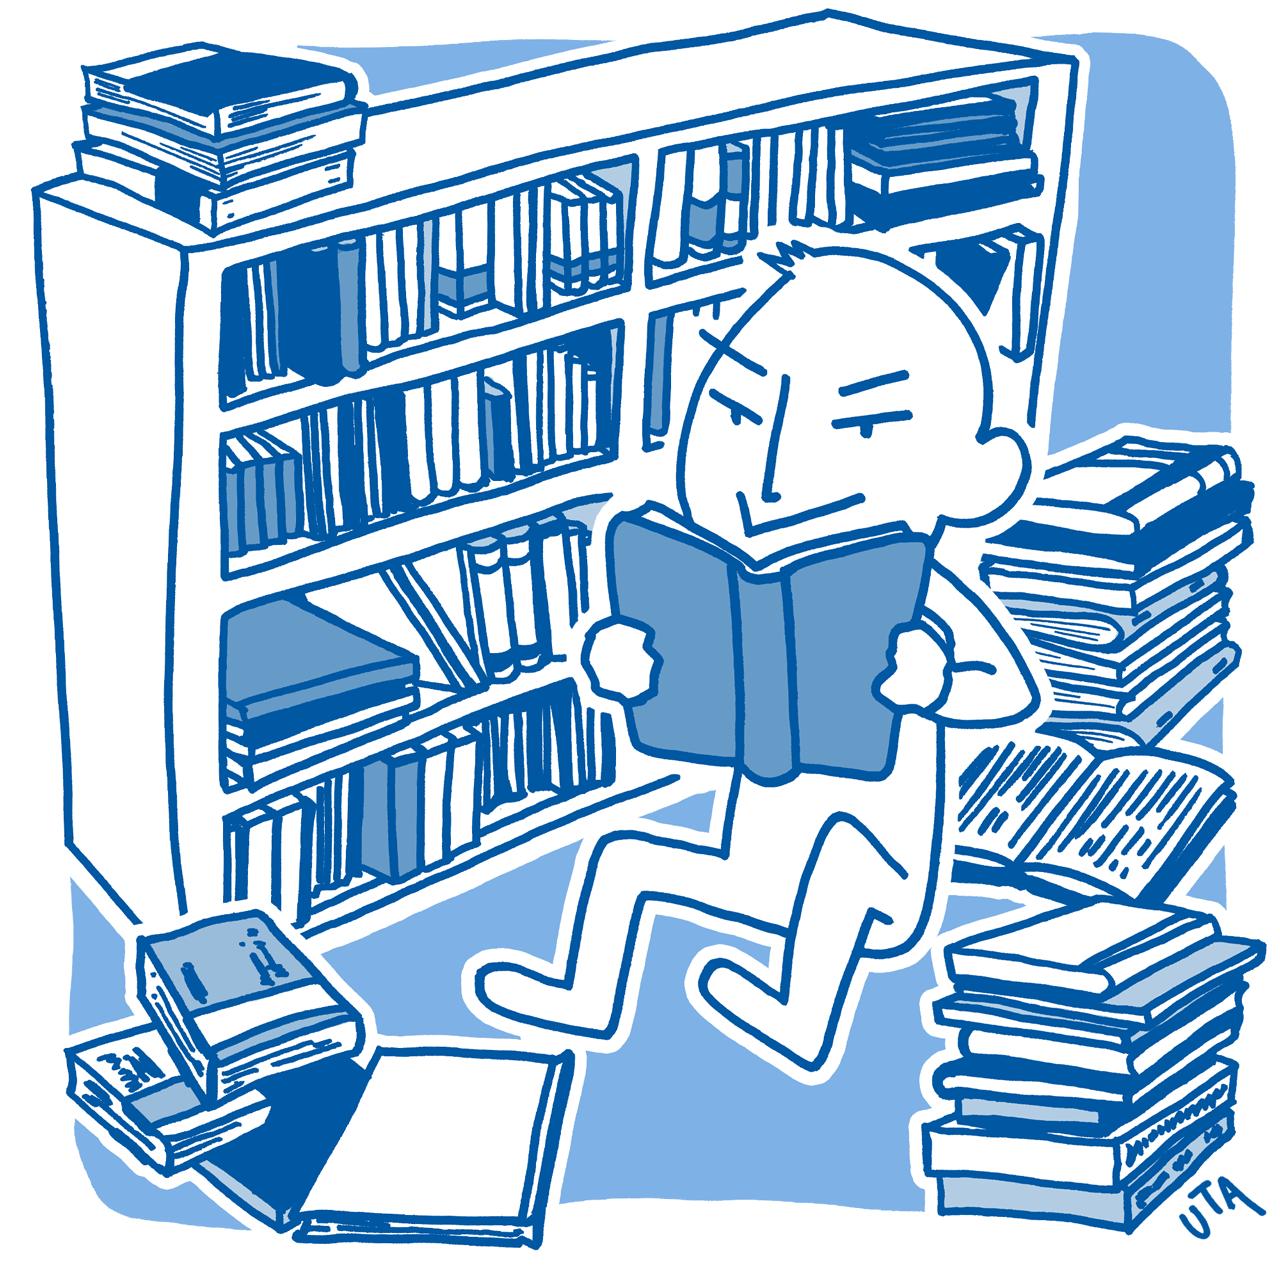 分からないものを勉強するときに、心を前向きにする方法──カーネルハッカー・小崎資広(5)